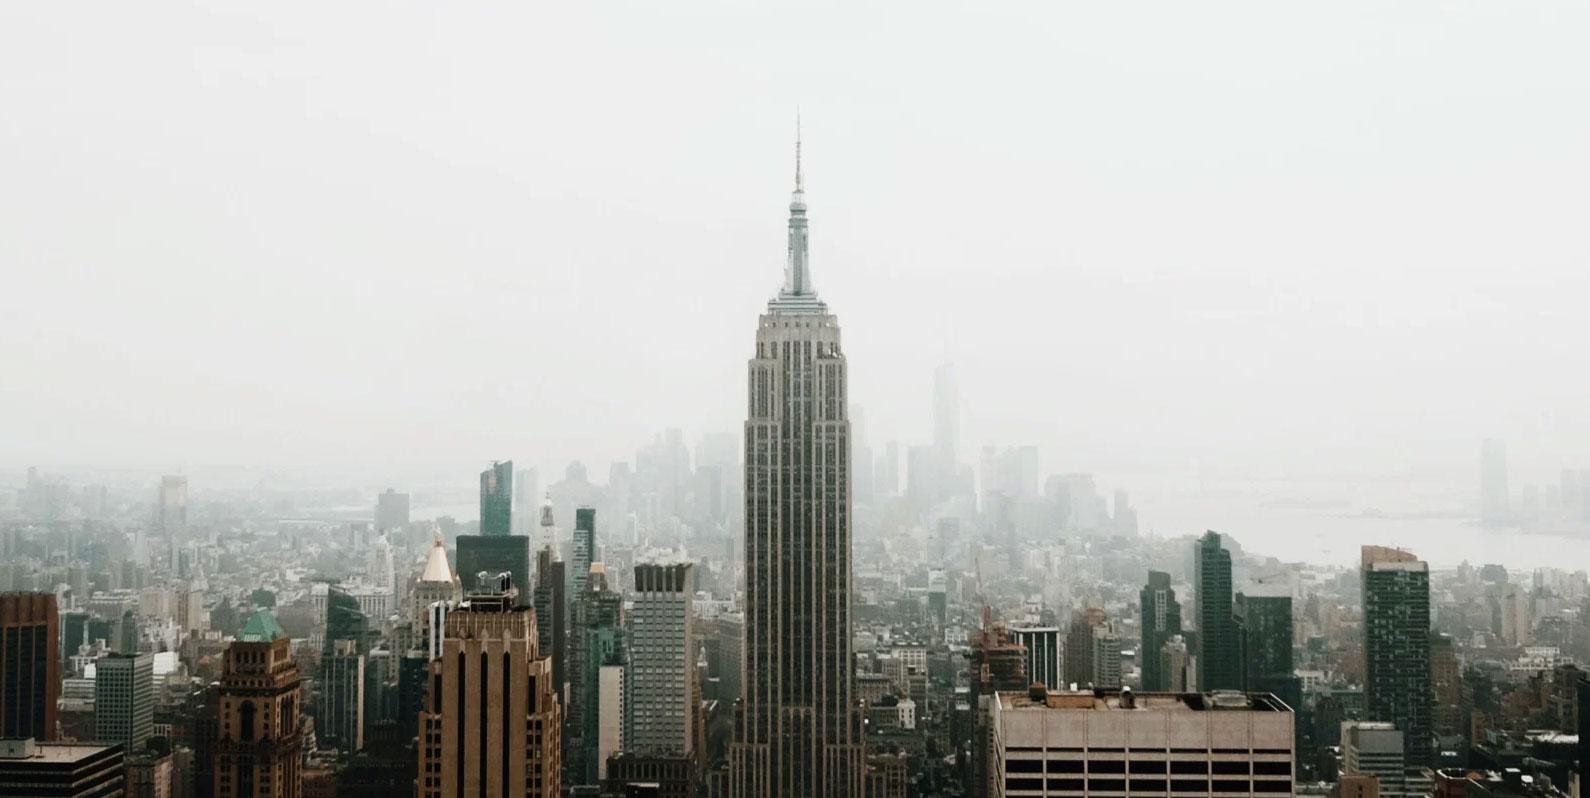 O que torna uma cidade ótima? Uma nova maneira de olhar os dados urbanos nos dará pistas